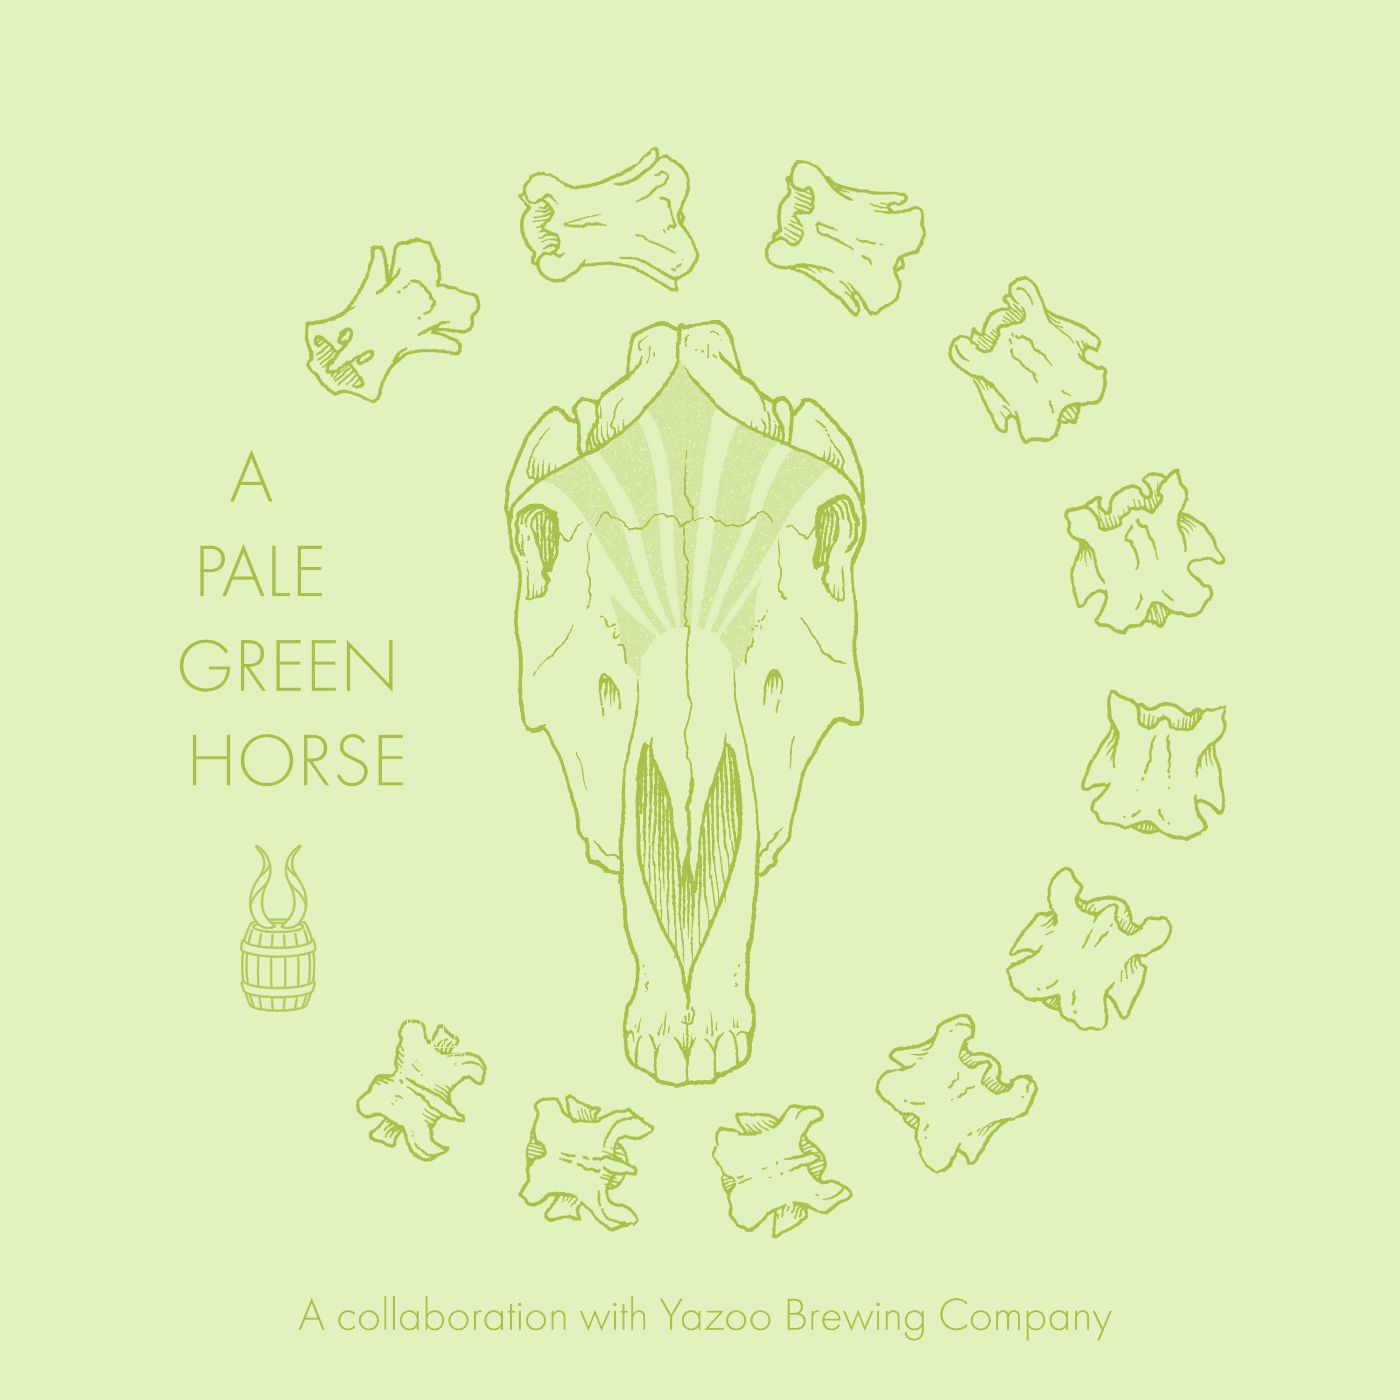 A Pale Green Horse (1) (1).jpg